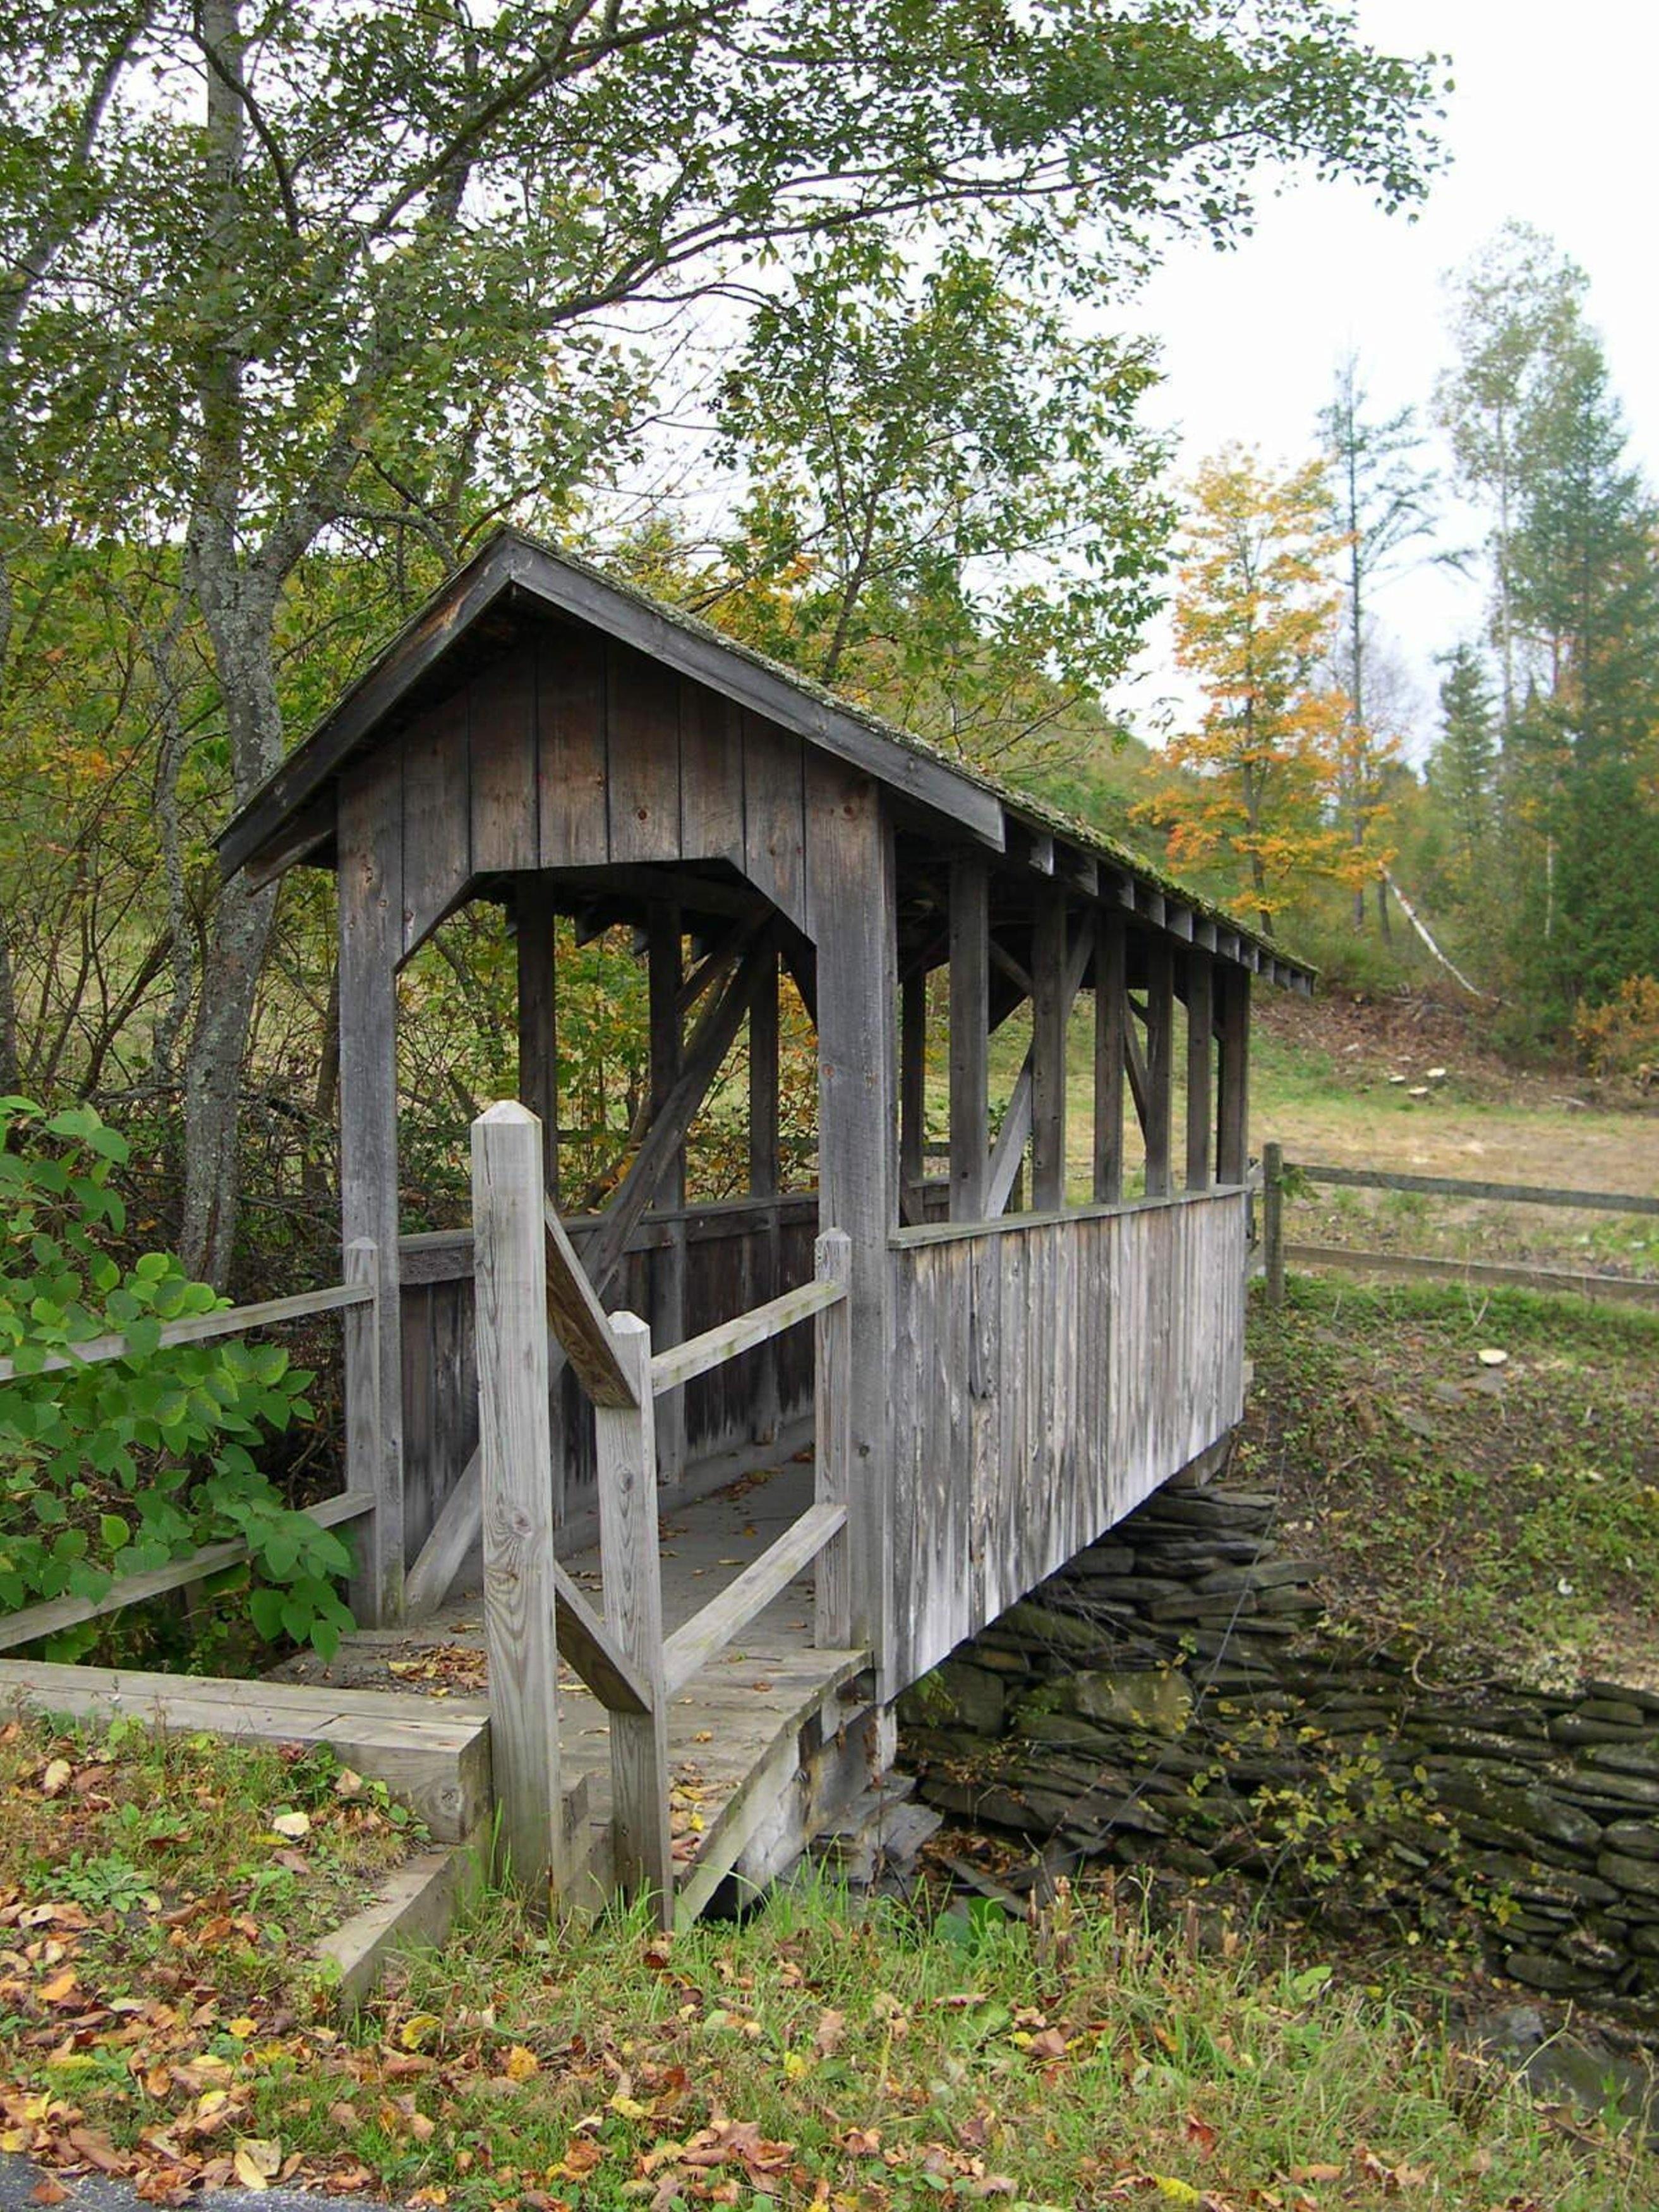 Fotos gratis : naturaleza, Arroyo, estructura, puente, vendimia ...